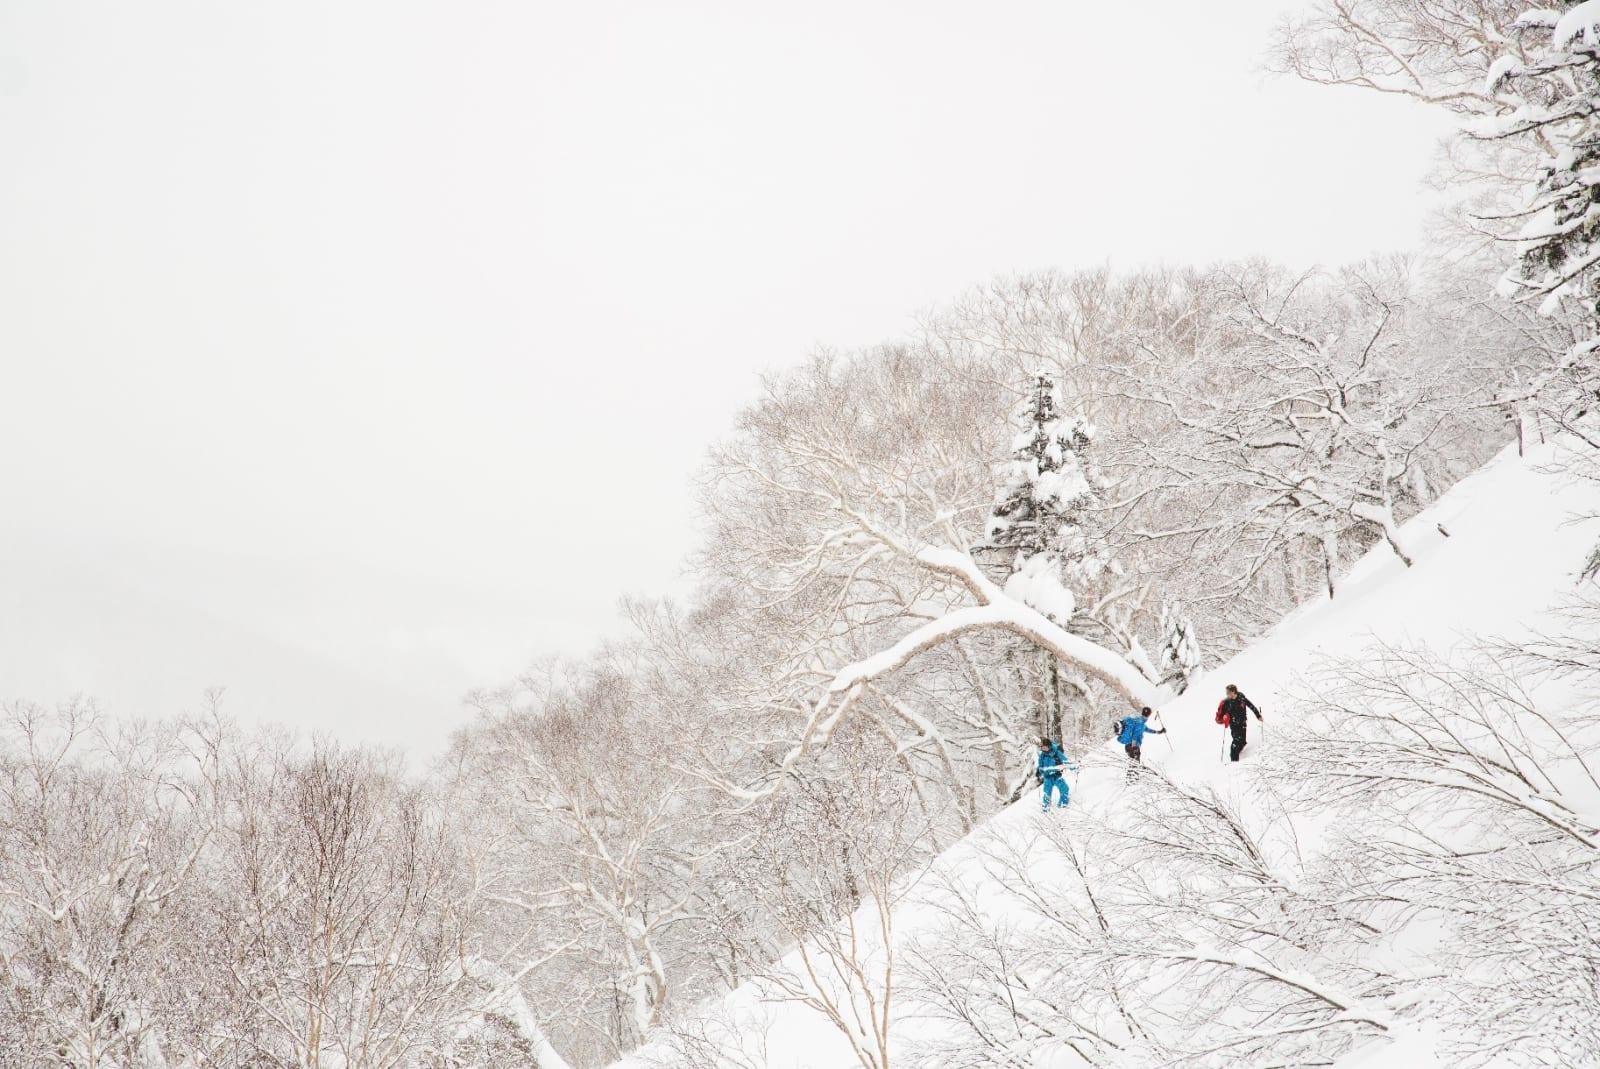 NEDSNØDDE NABOER: I Japan finnes det en tanke om at det bor ånder i trærne – kjent fra filmklassikeren «Min Nabo Totoro». Vi kan skrive under på at det iallfall bor snø i trærne.